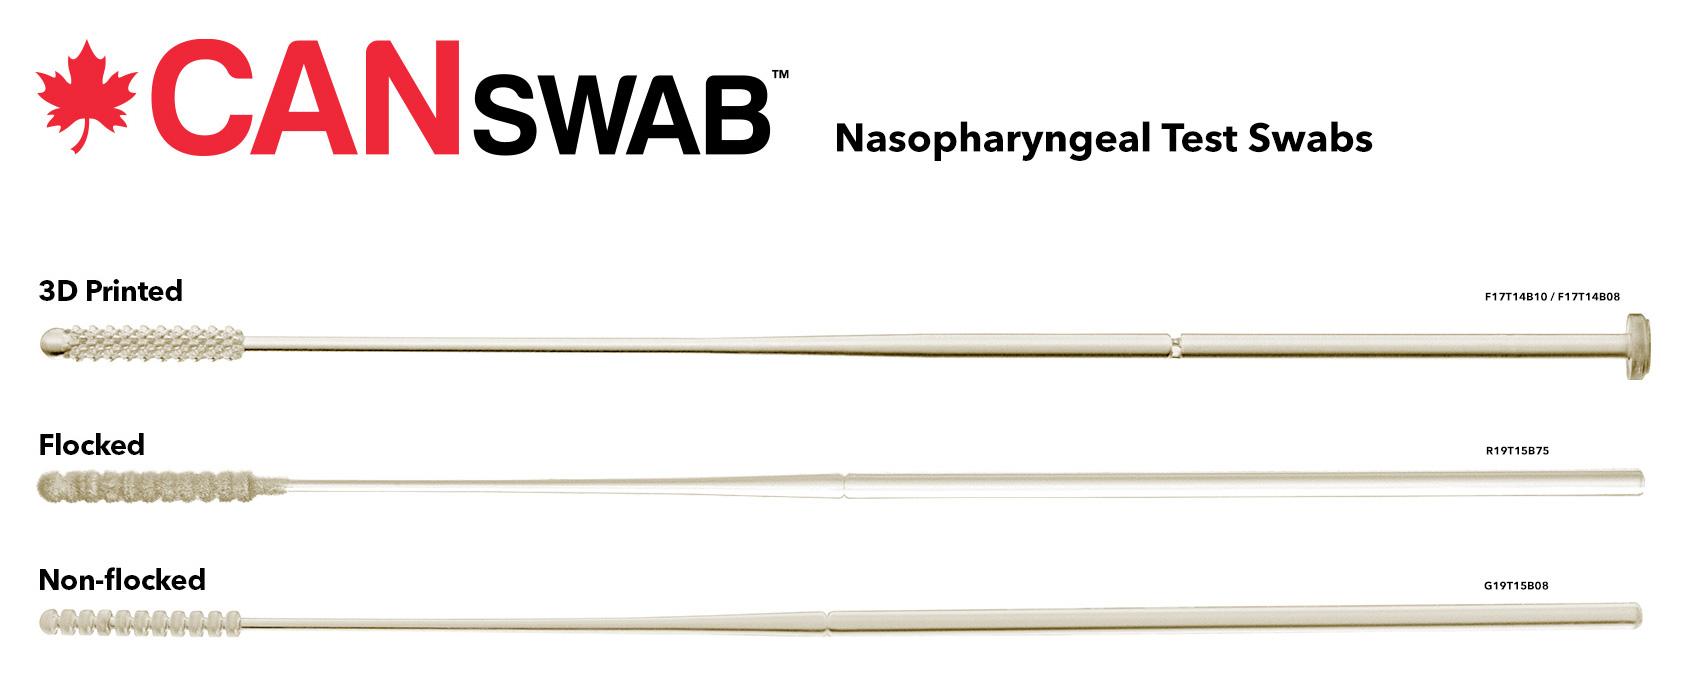 CANSWAB Nasopharyngeal Test Swabs